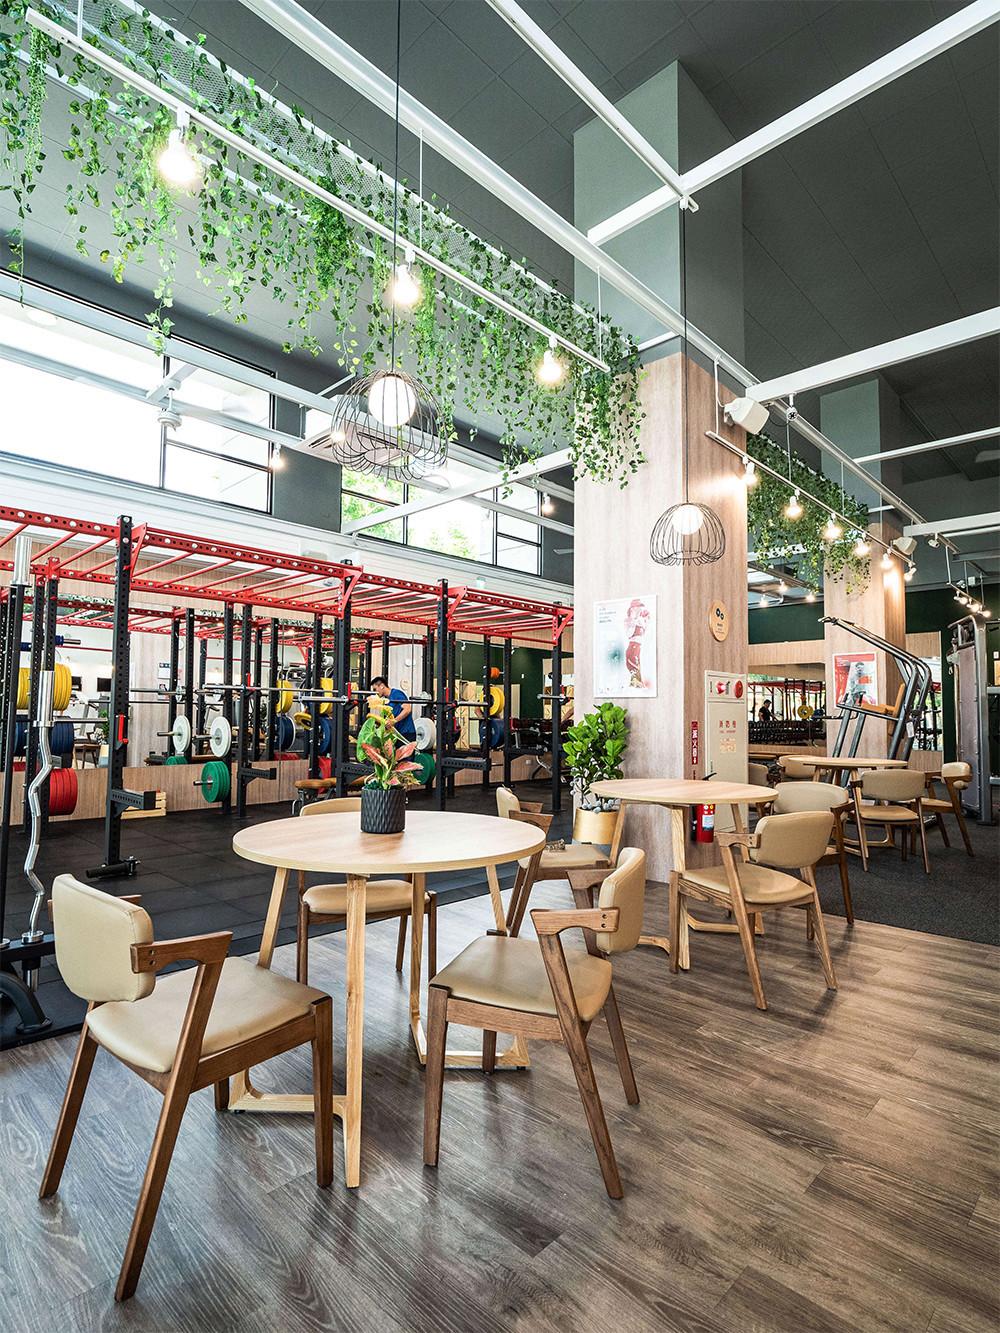 嘉義健身房室內空間設計-TASO休憩區|塔索肌力與體能訓練中心